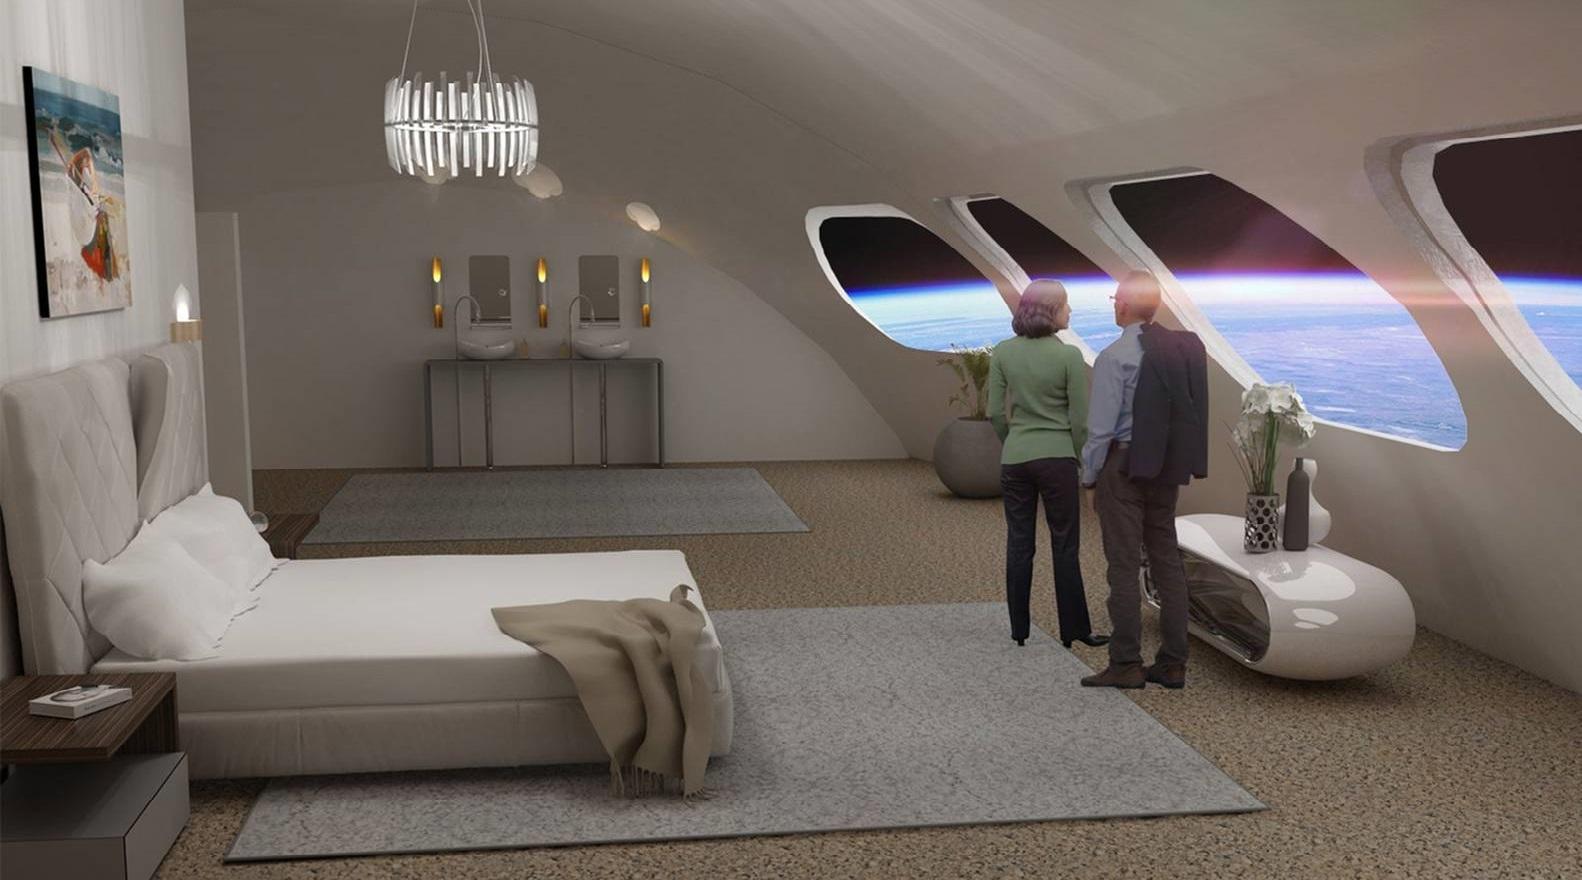 Le premier hôtel spatial au monde ouvrira ses portes en 2027